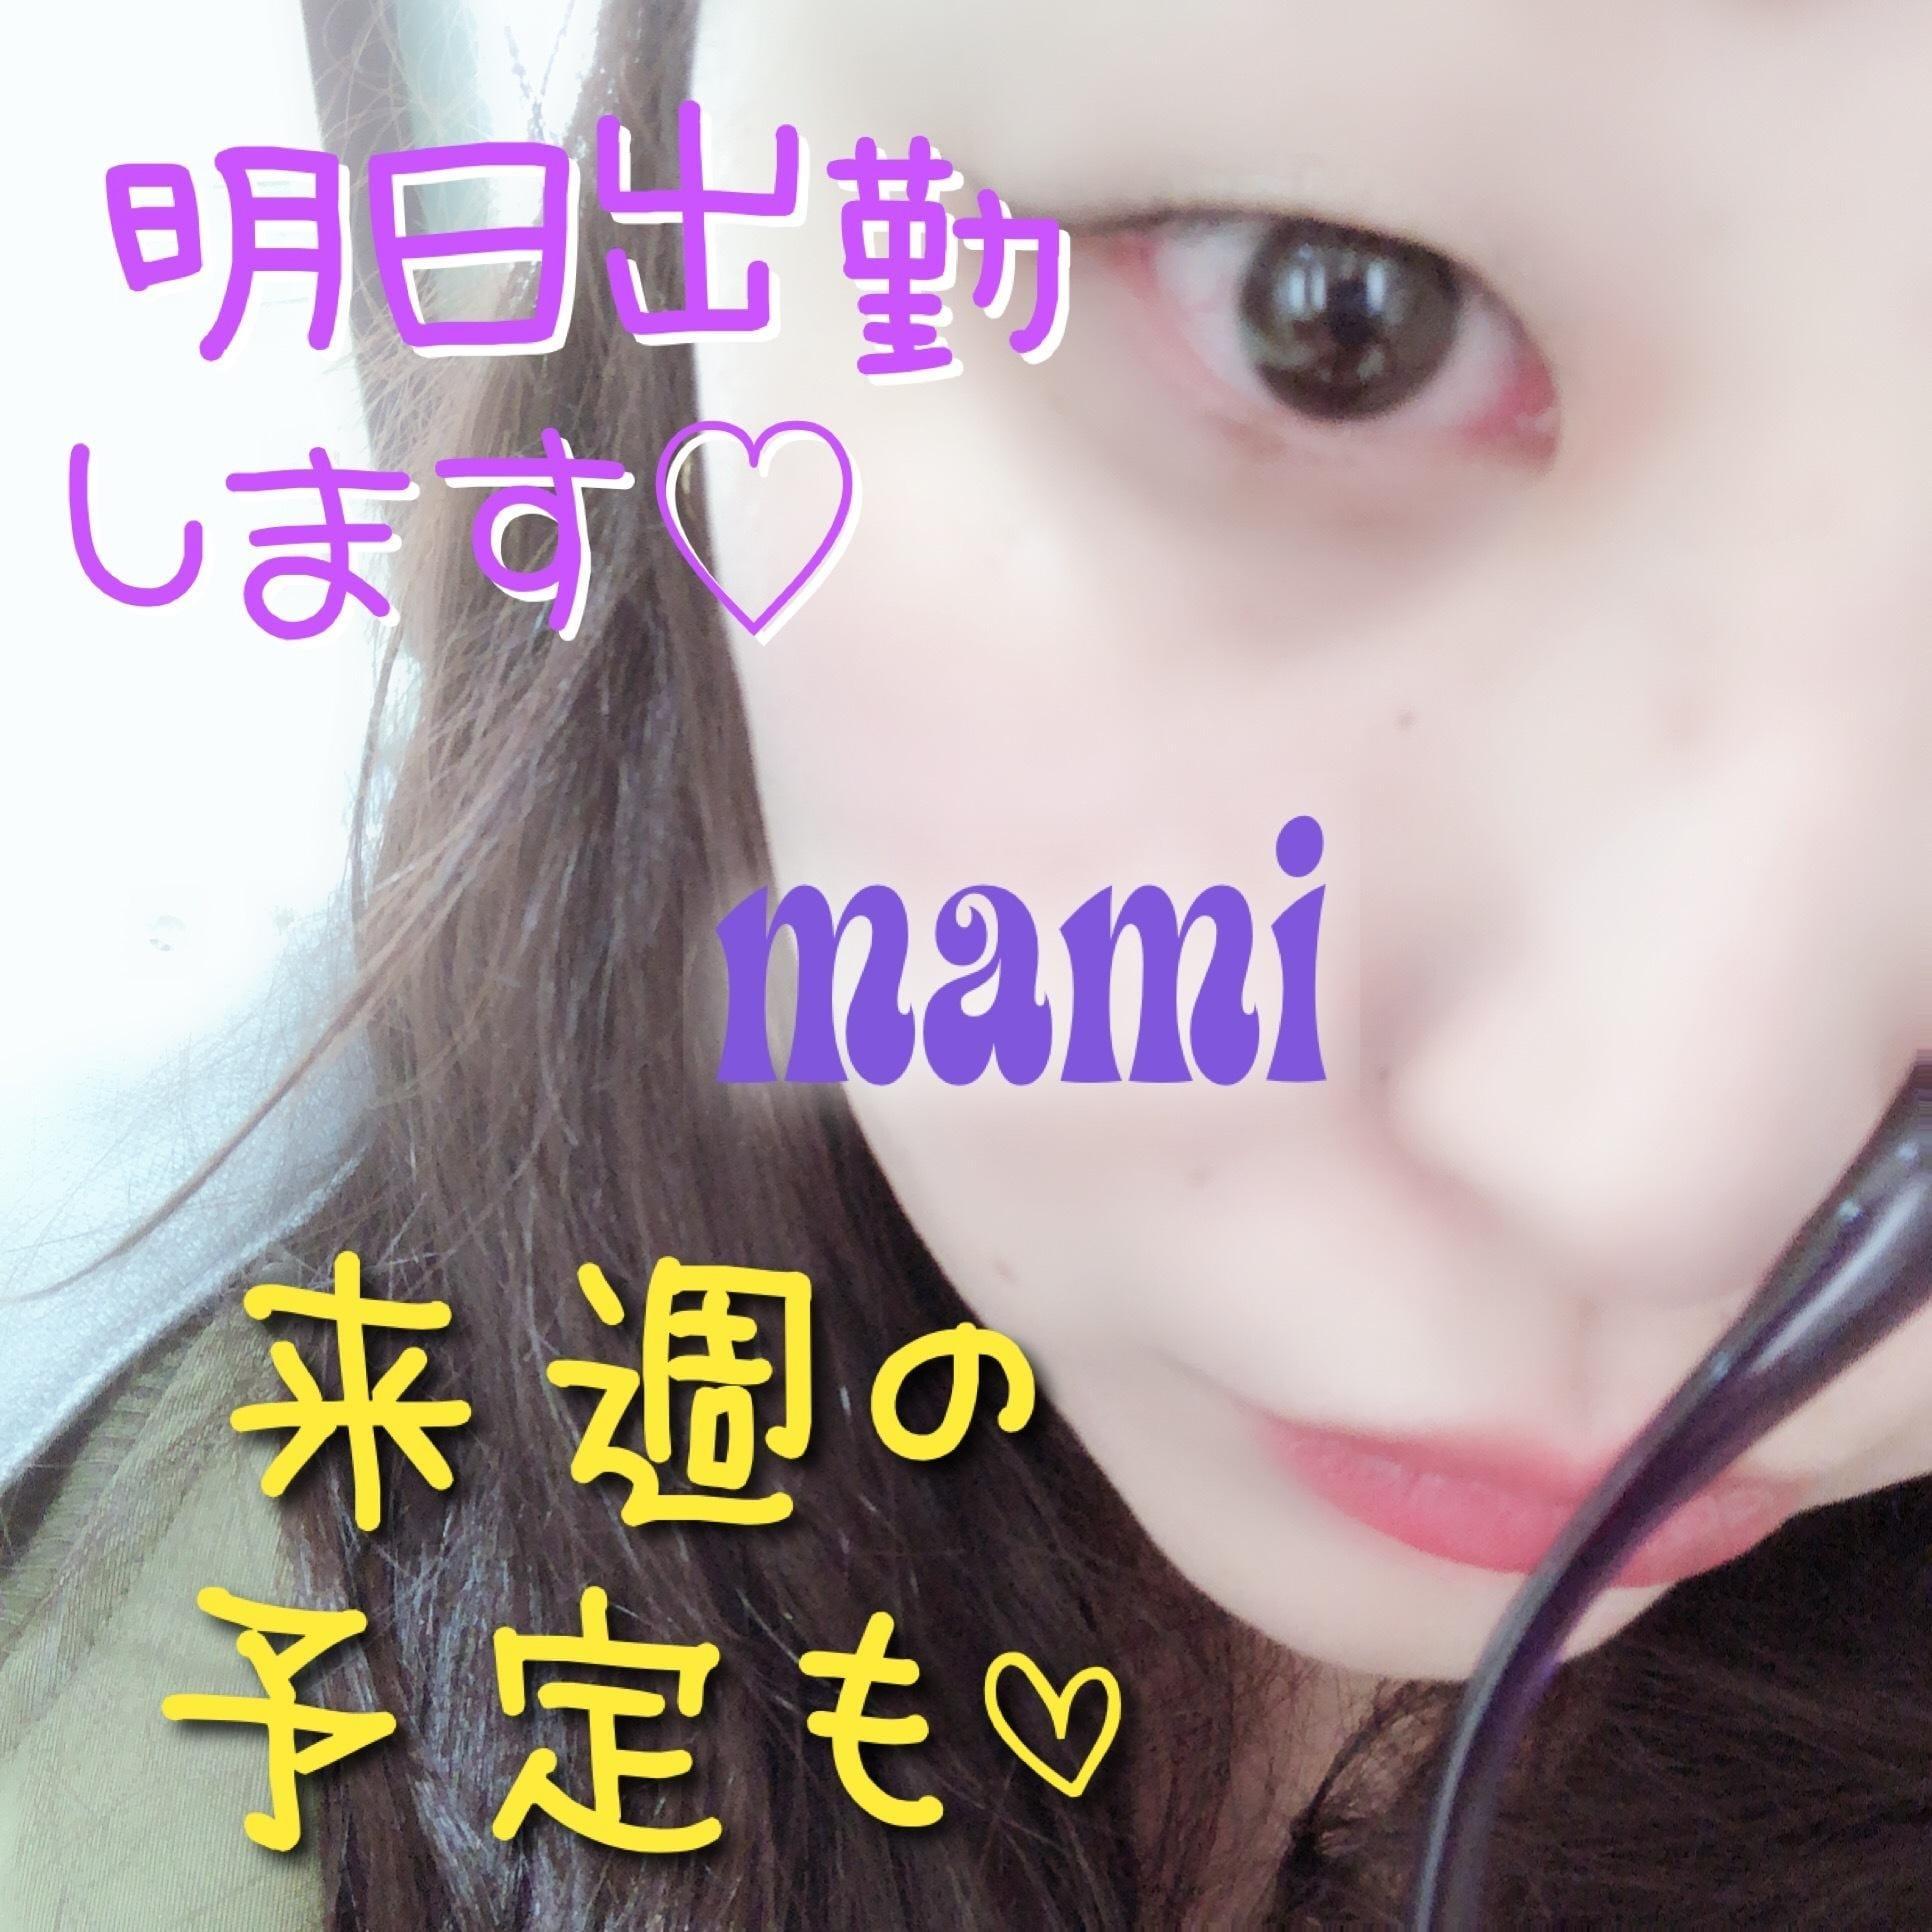 「ぷら日記?来週の予定?」11/18(11/18) 22:59   まみの写メ・風俗動画